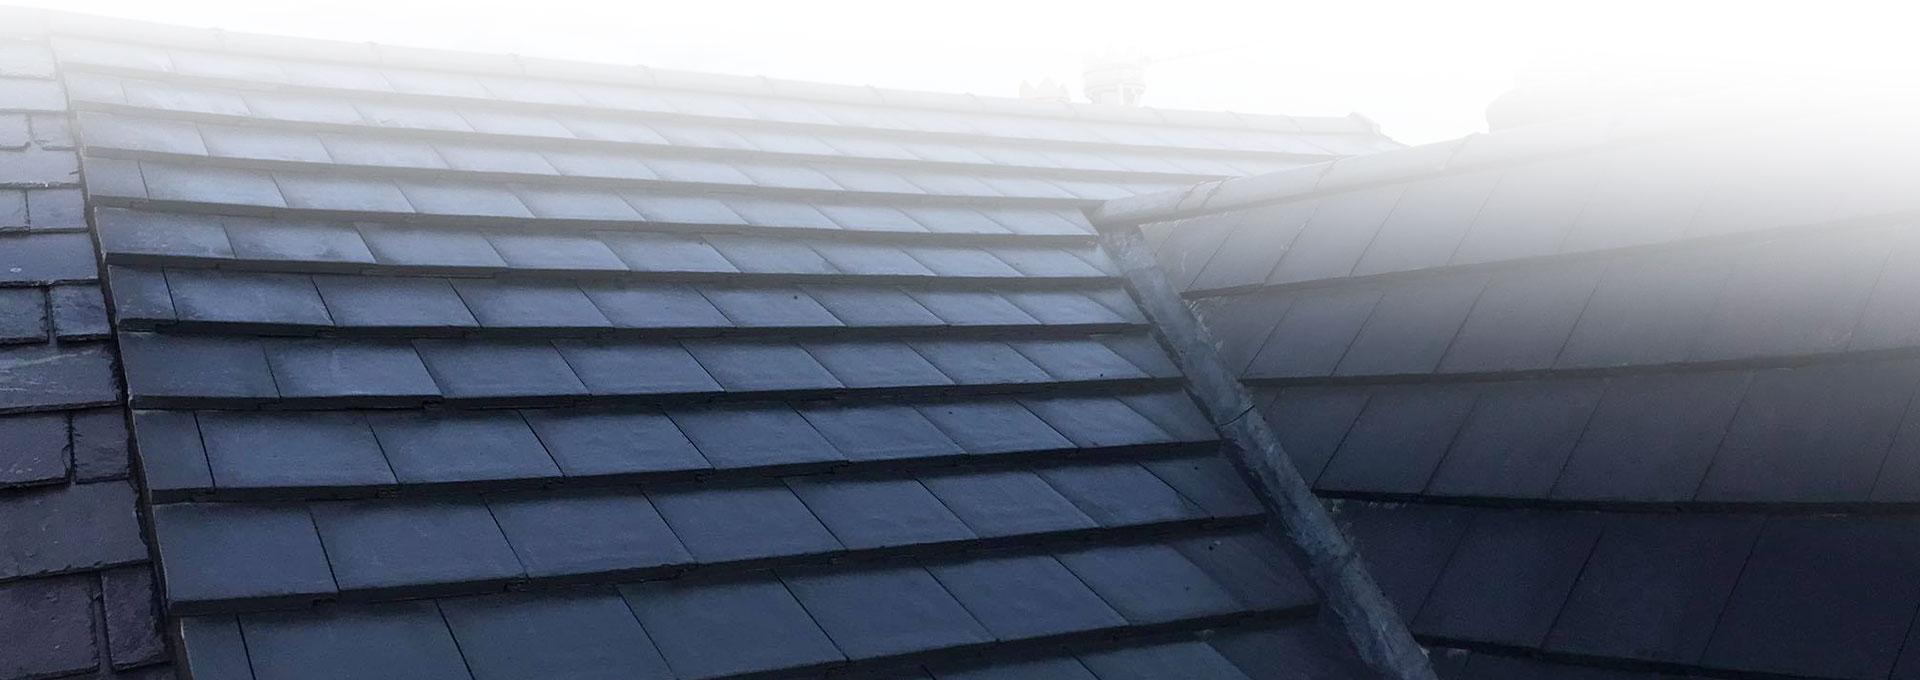 new tiled roof in prenton